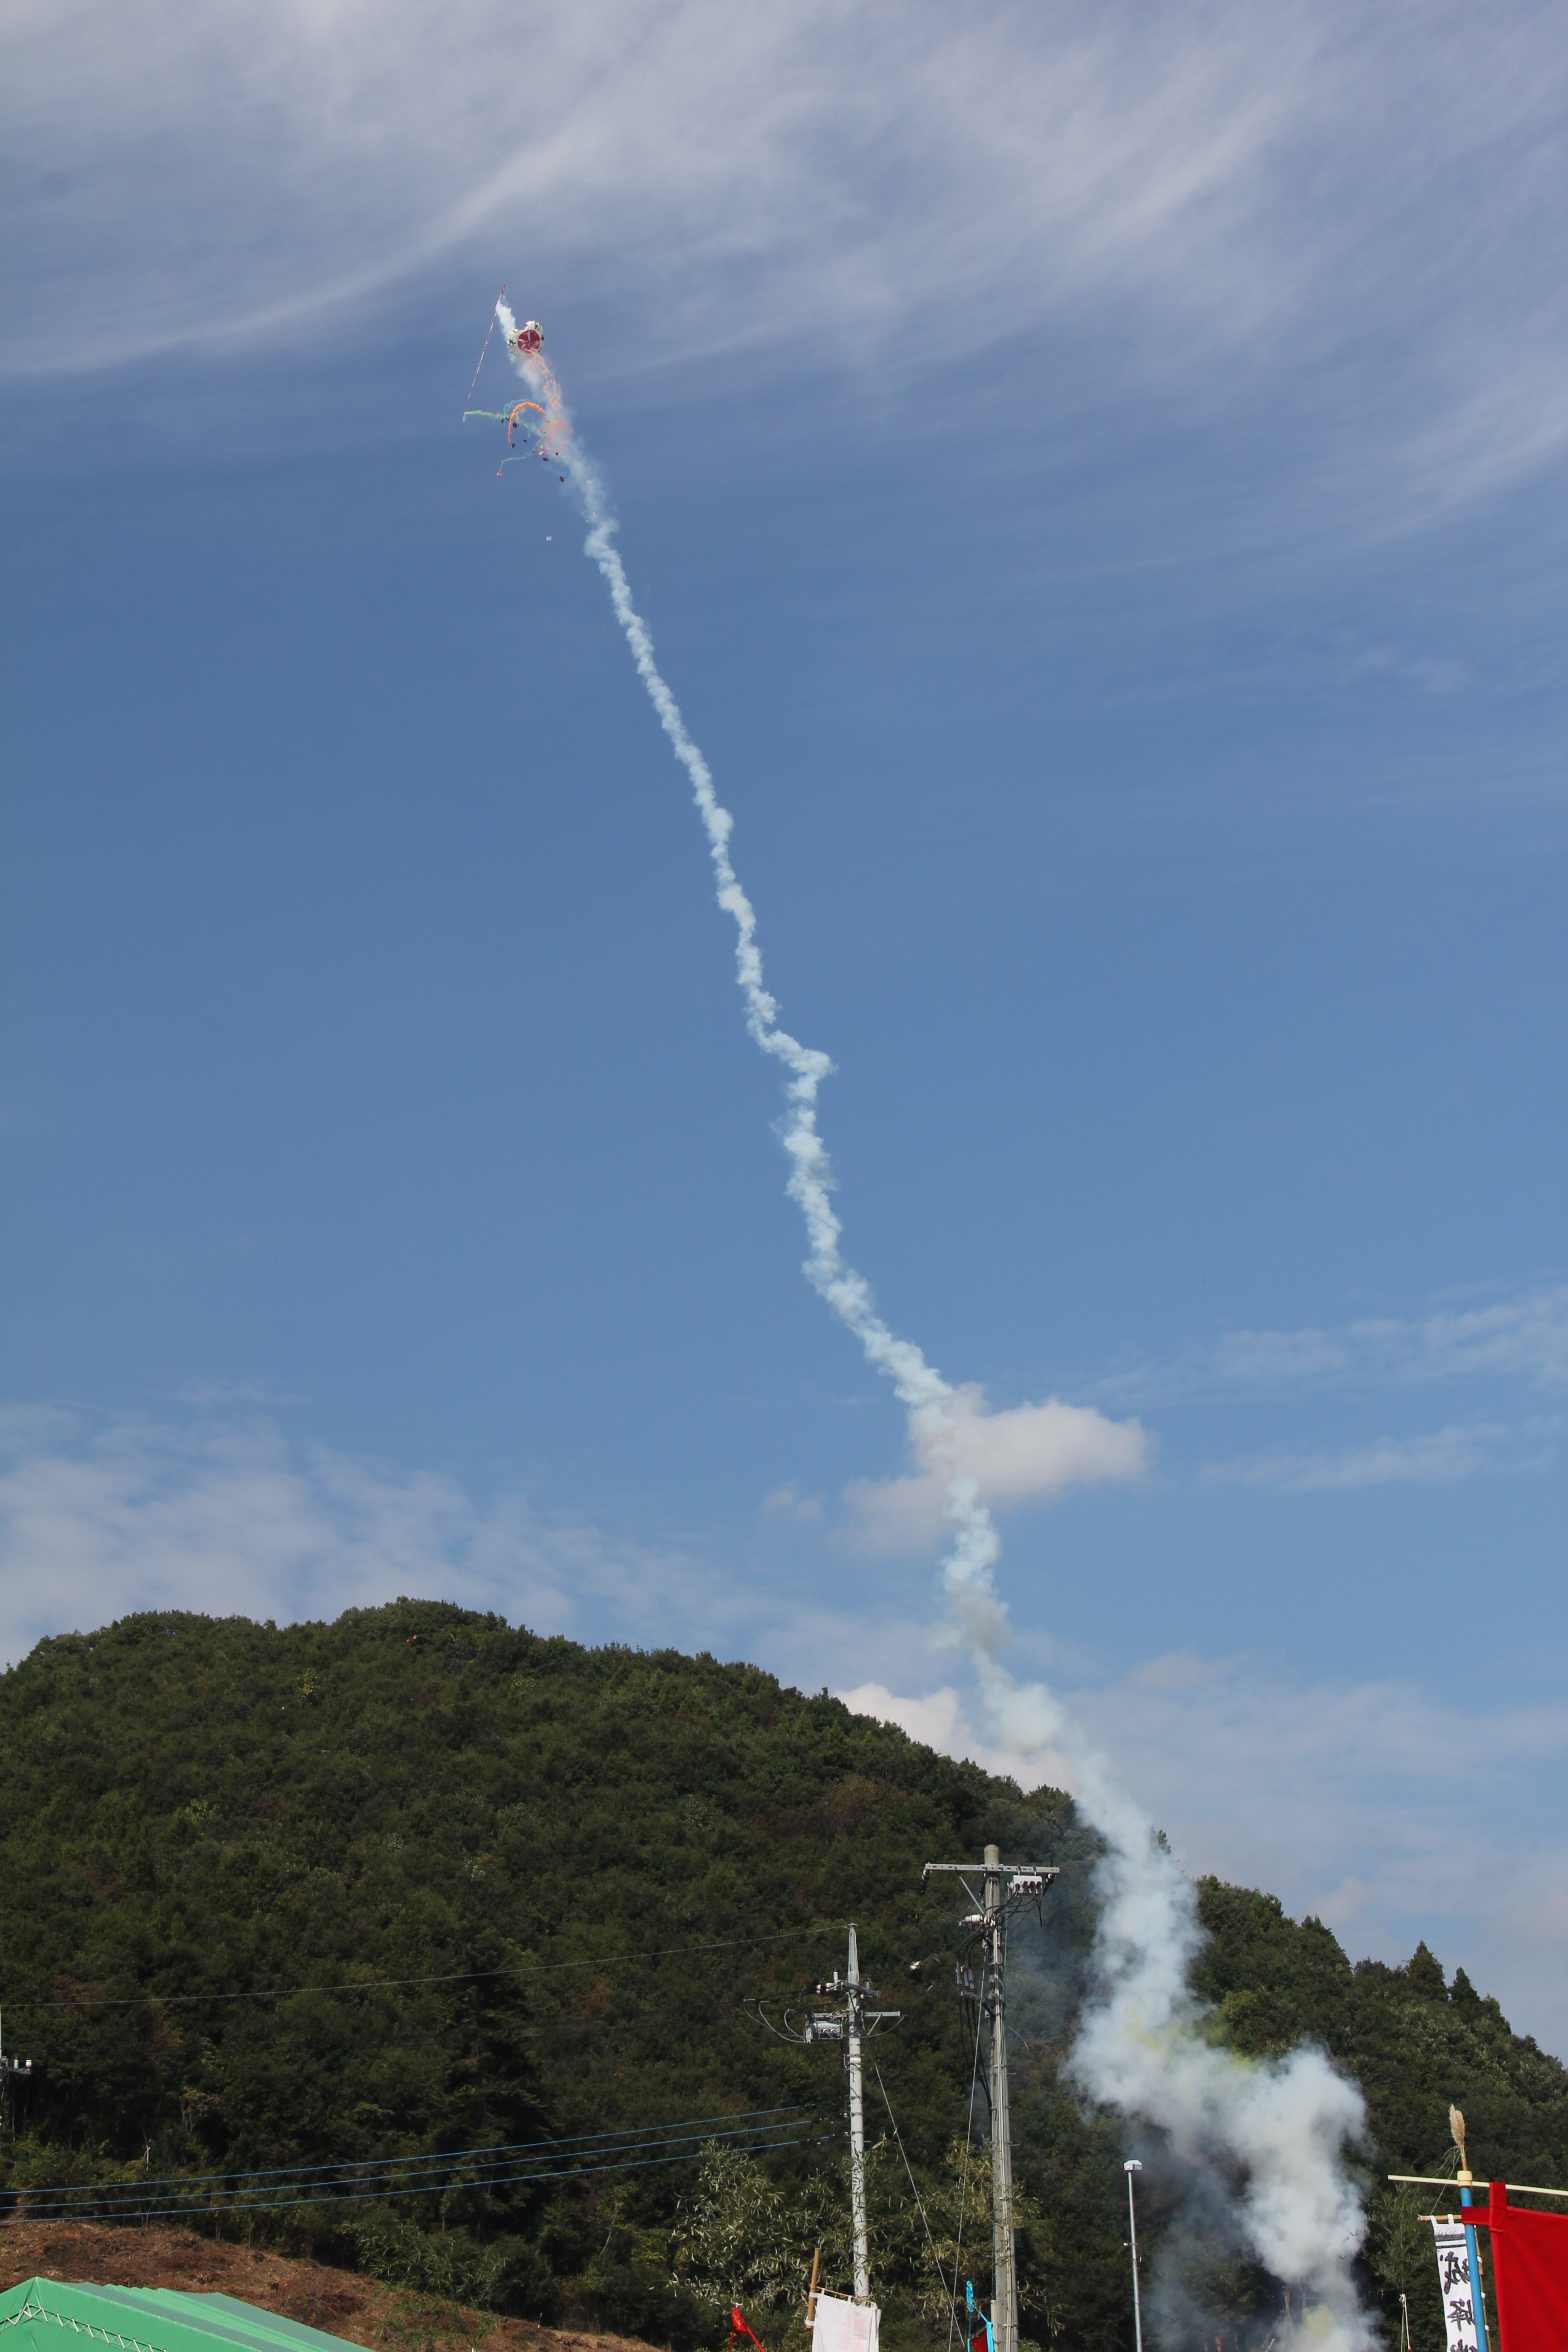 龍勢祭り 秩父吉田の農民ロケット